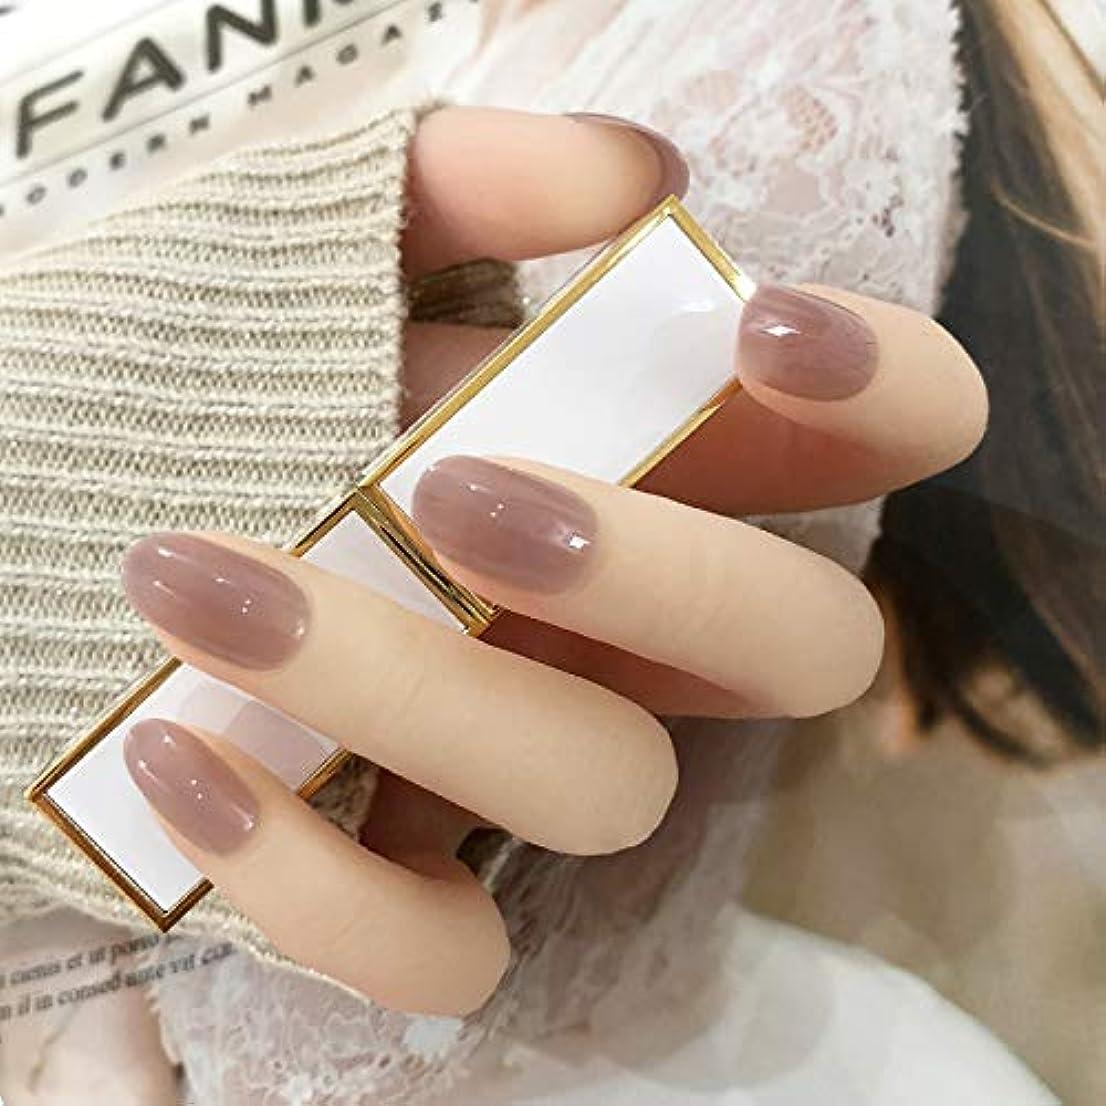 防衛滞在コンパクト24枚純色付け爪 ネイル貼るだけネイルチップ お花嫁付け爪 (グレーピンク)